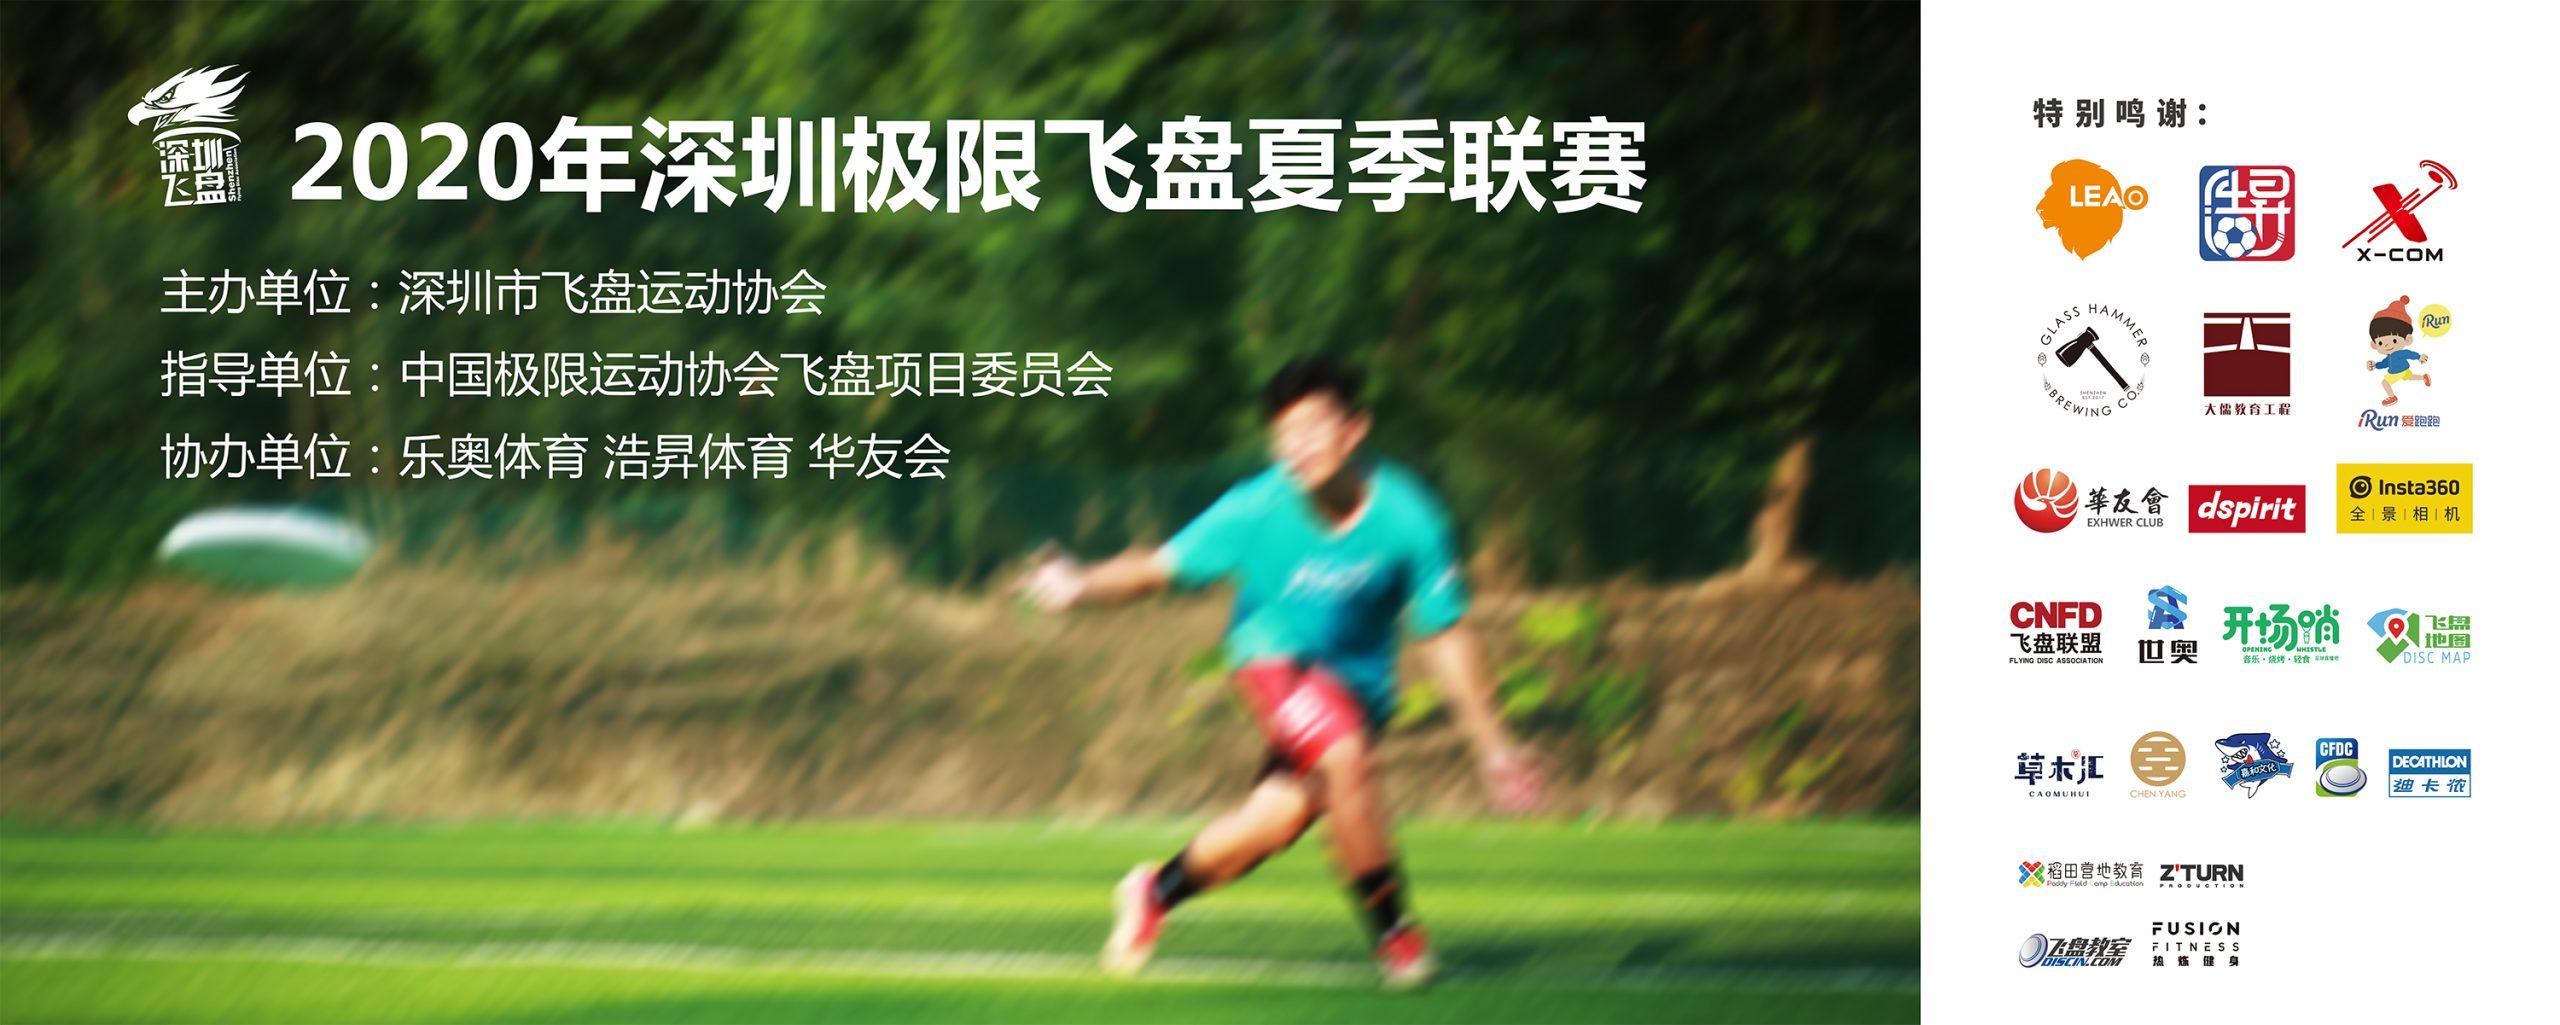 2020年深圳极限飞盘夏季联赛